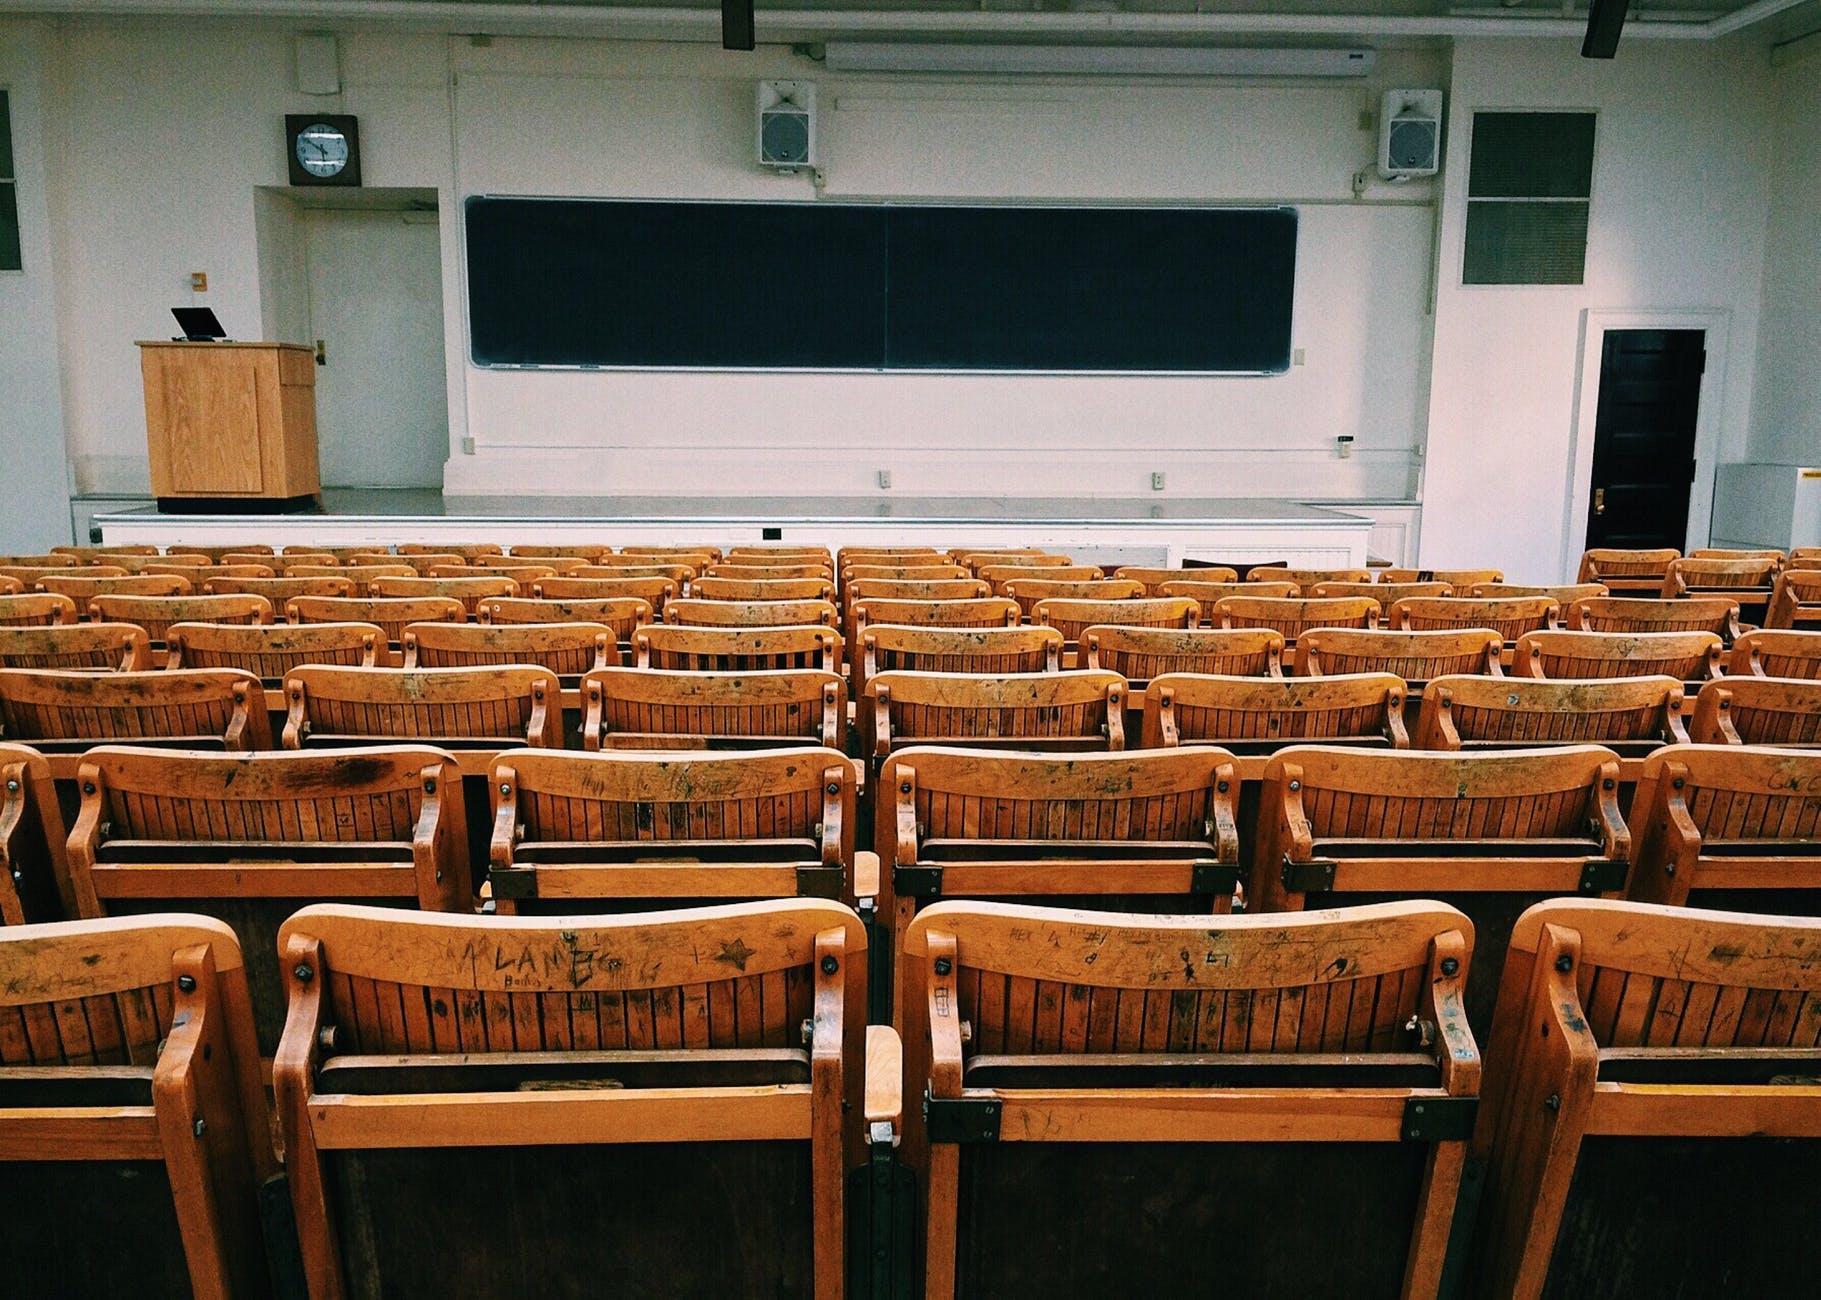 Есть две причины: Депутат Госдумы объяснил, чем бесплатное образование лучше платного